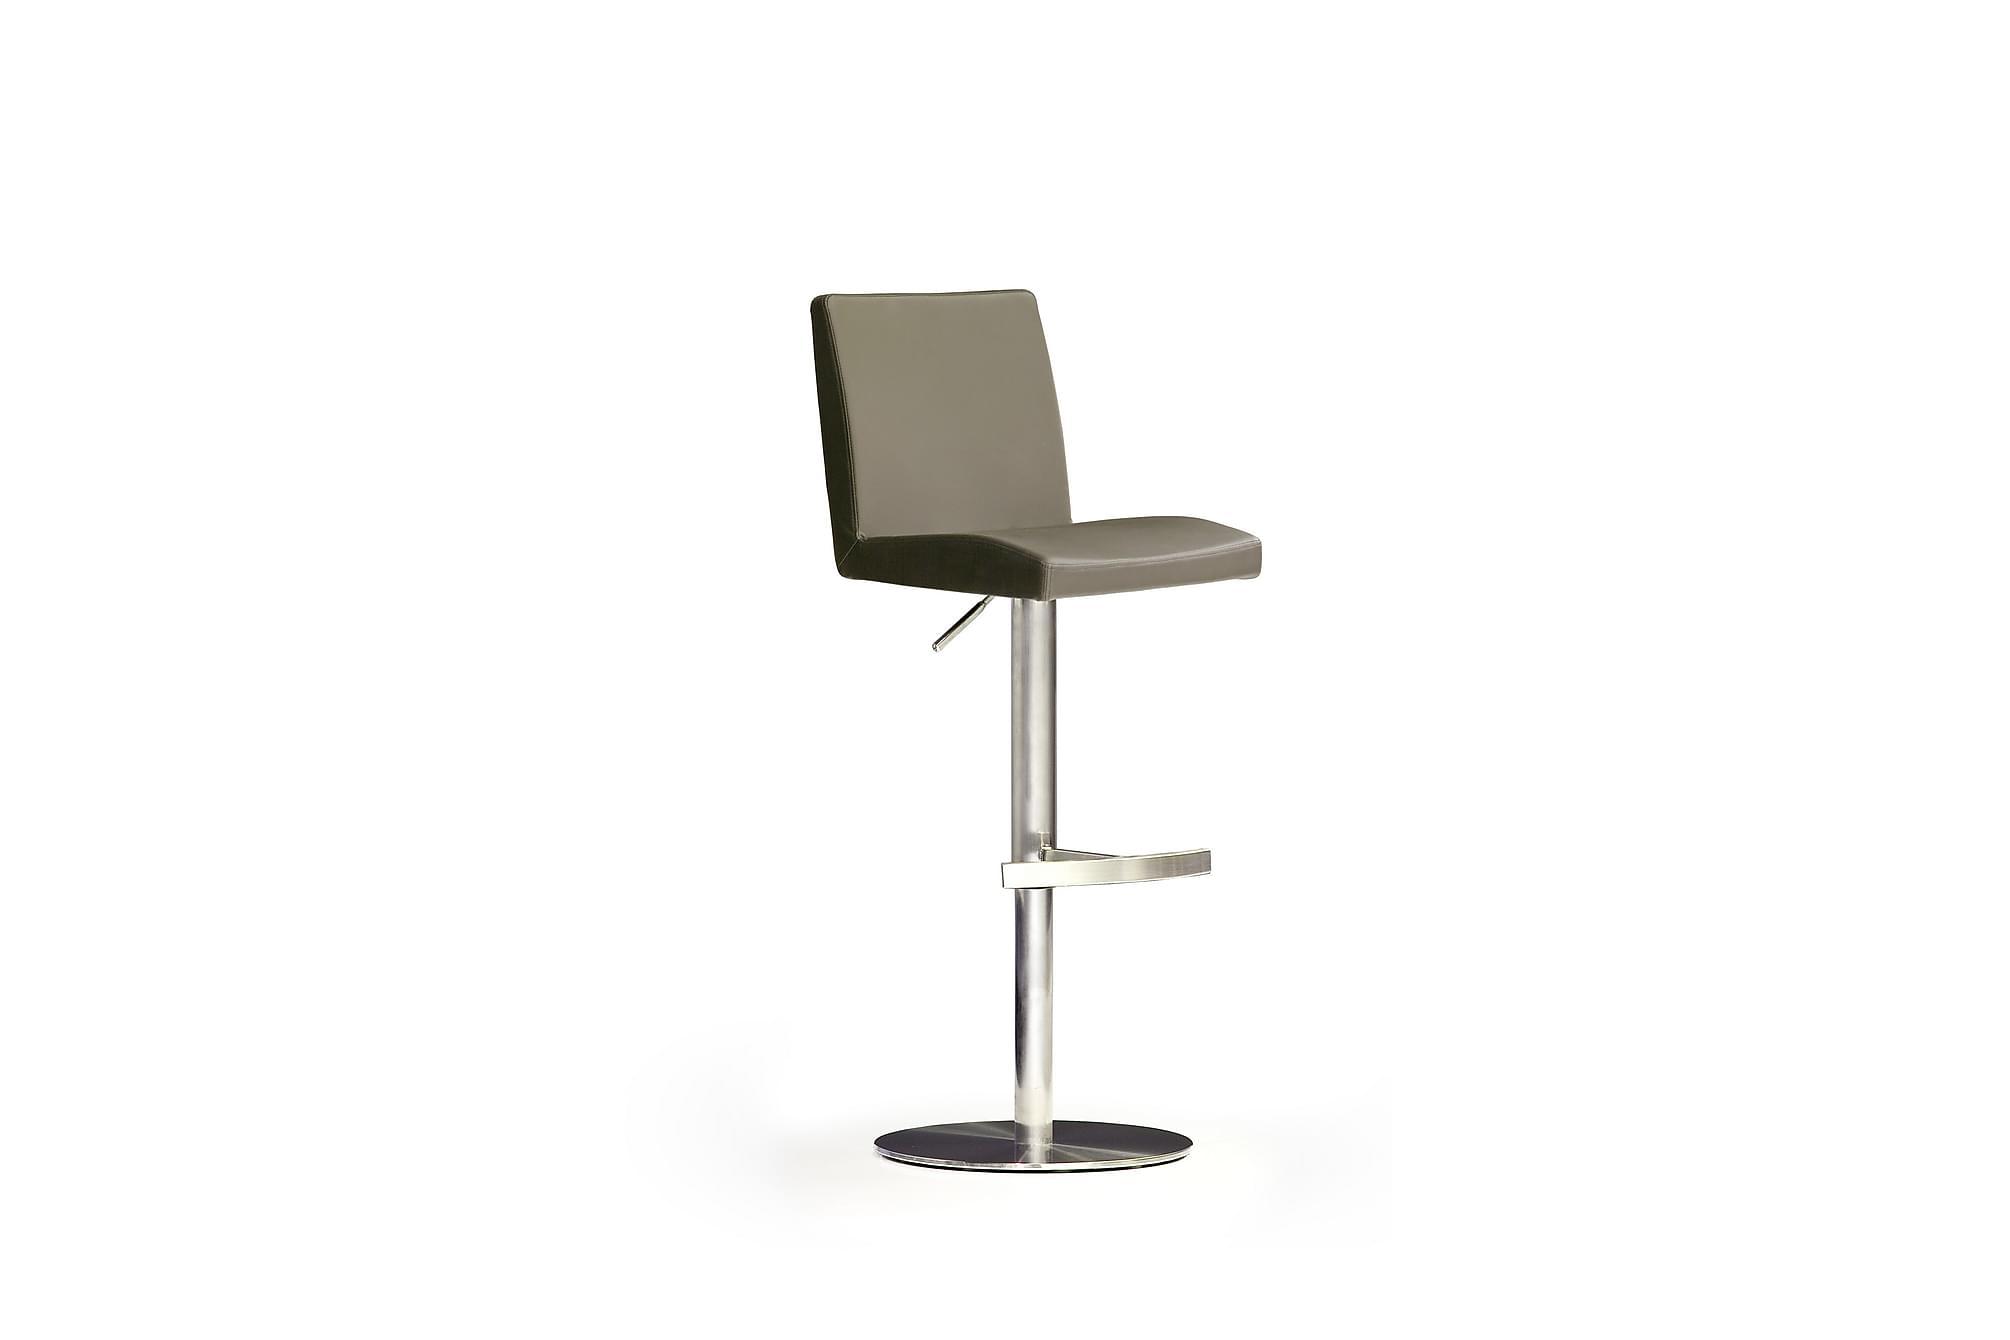 Soila barstol rund fot läder cappuccino/stål